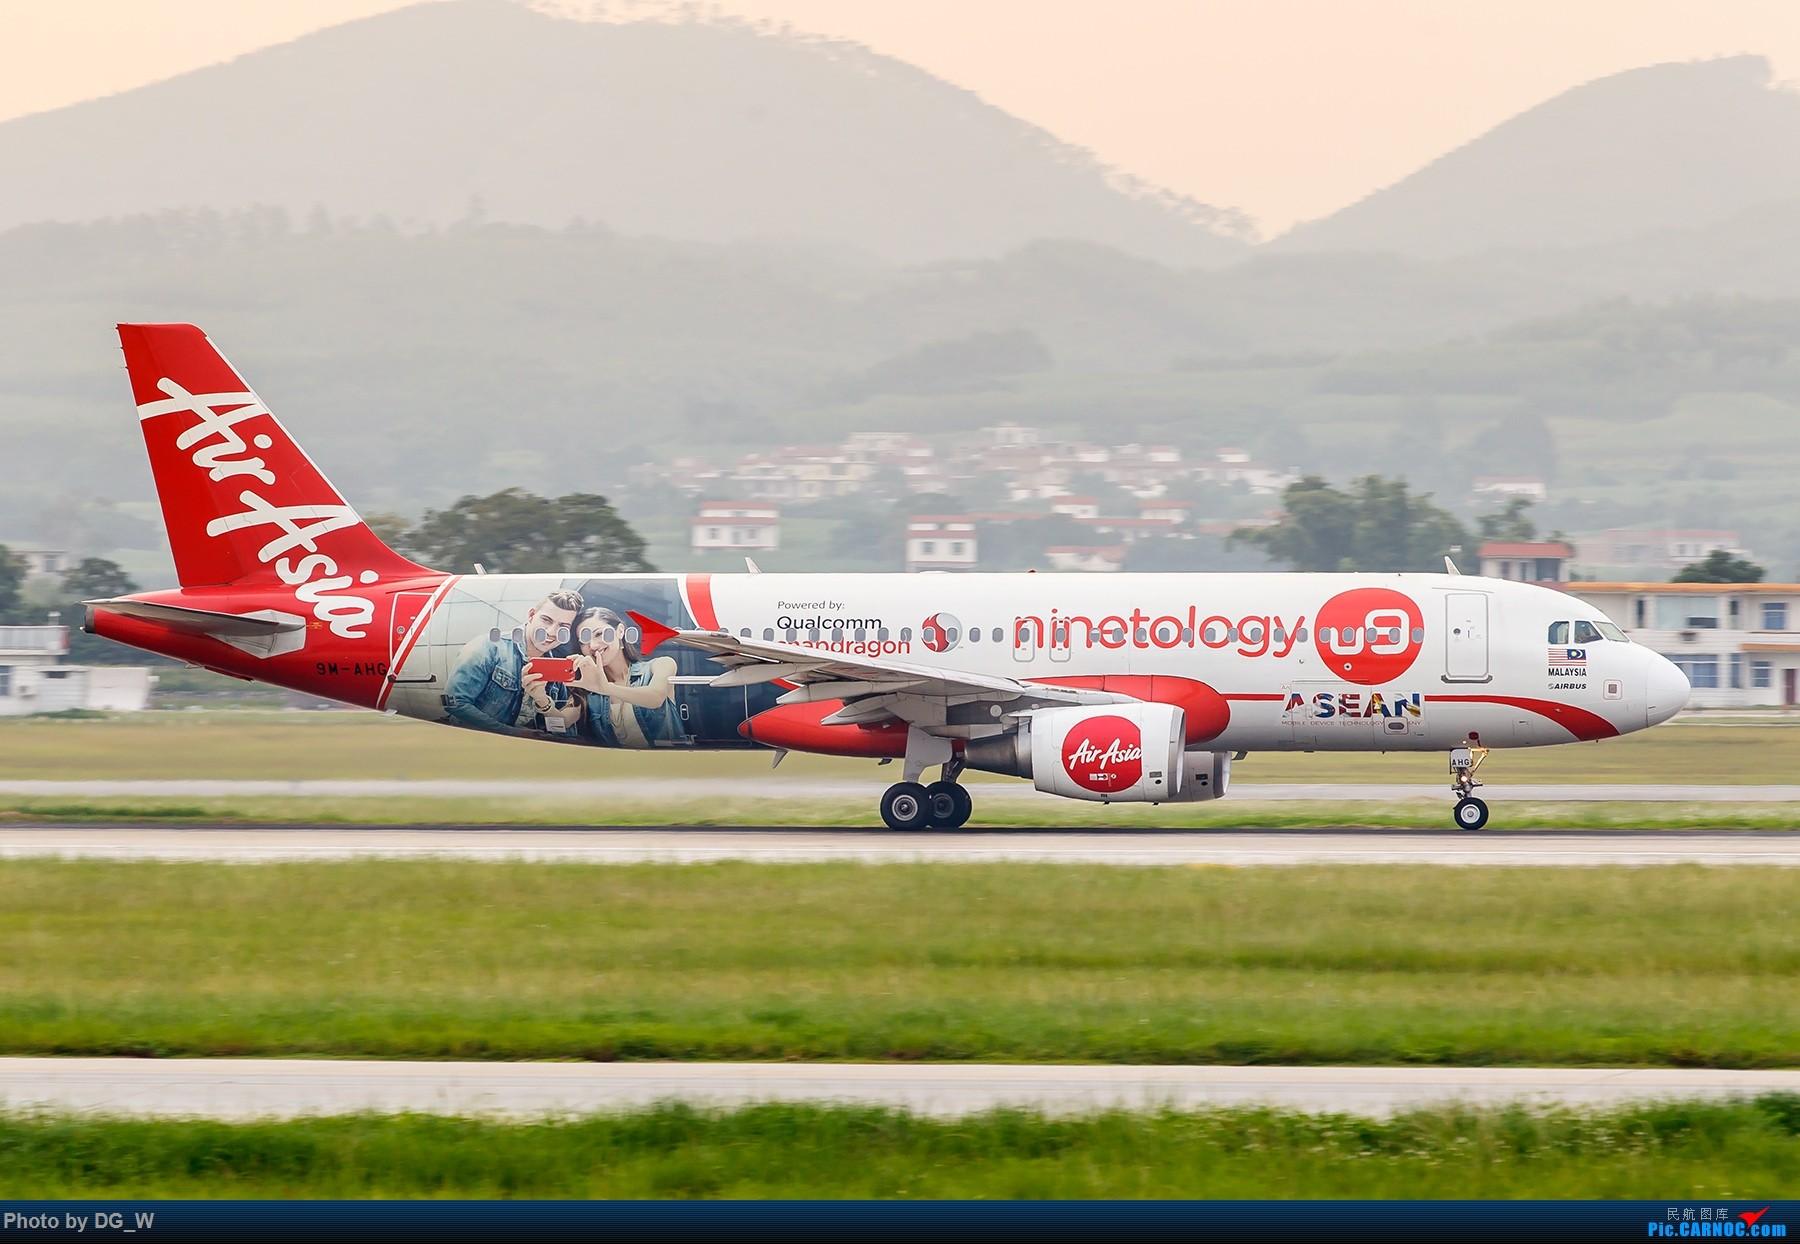 Re:[原创]【南宁飞友】集齐南航邮戳738,外加最近半年拍的部分彩绘 AIRBUS A320-200 9M-AHG 中国南宁吴圩国际机场